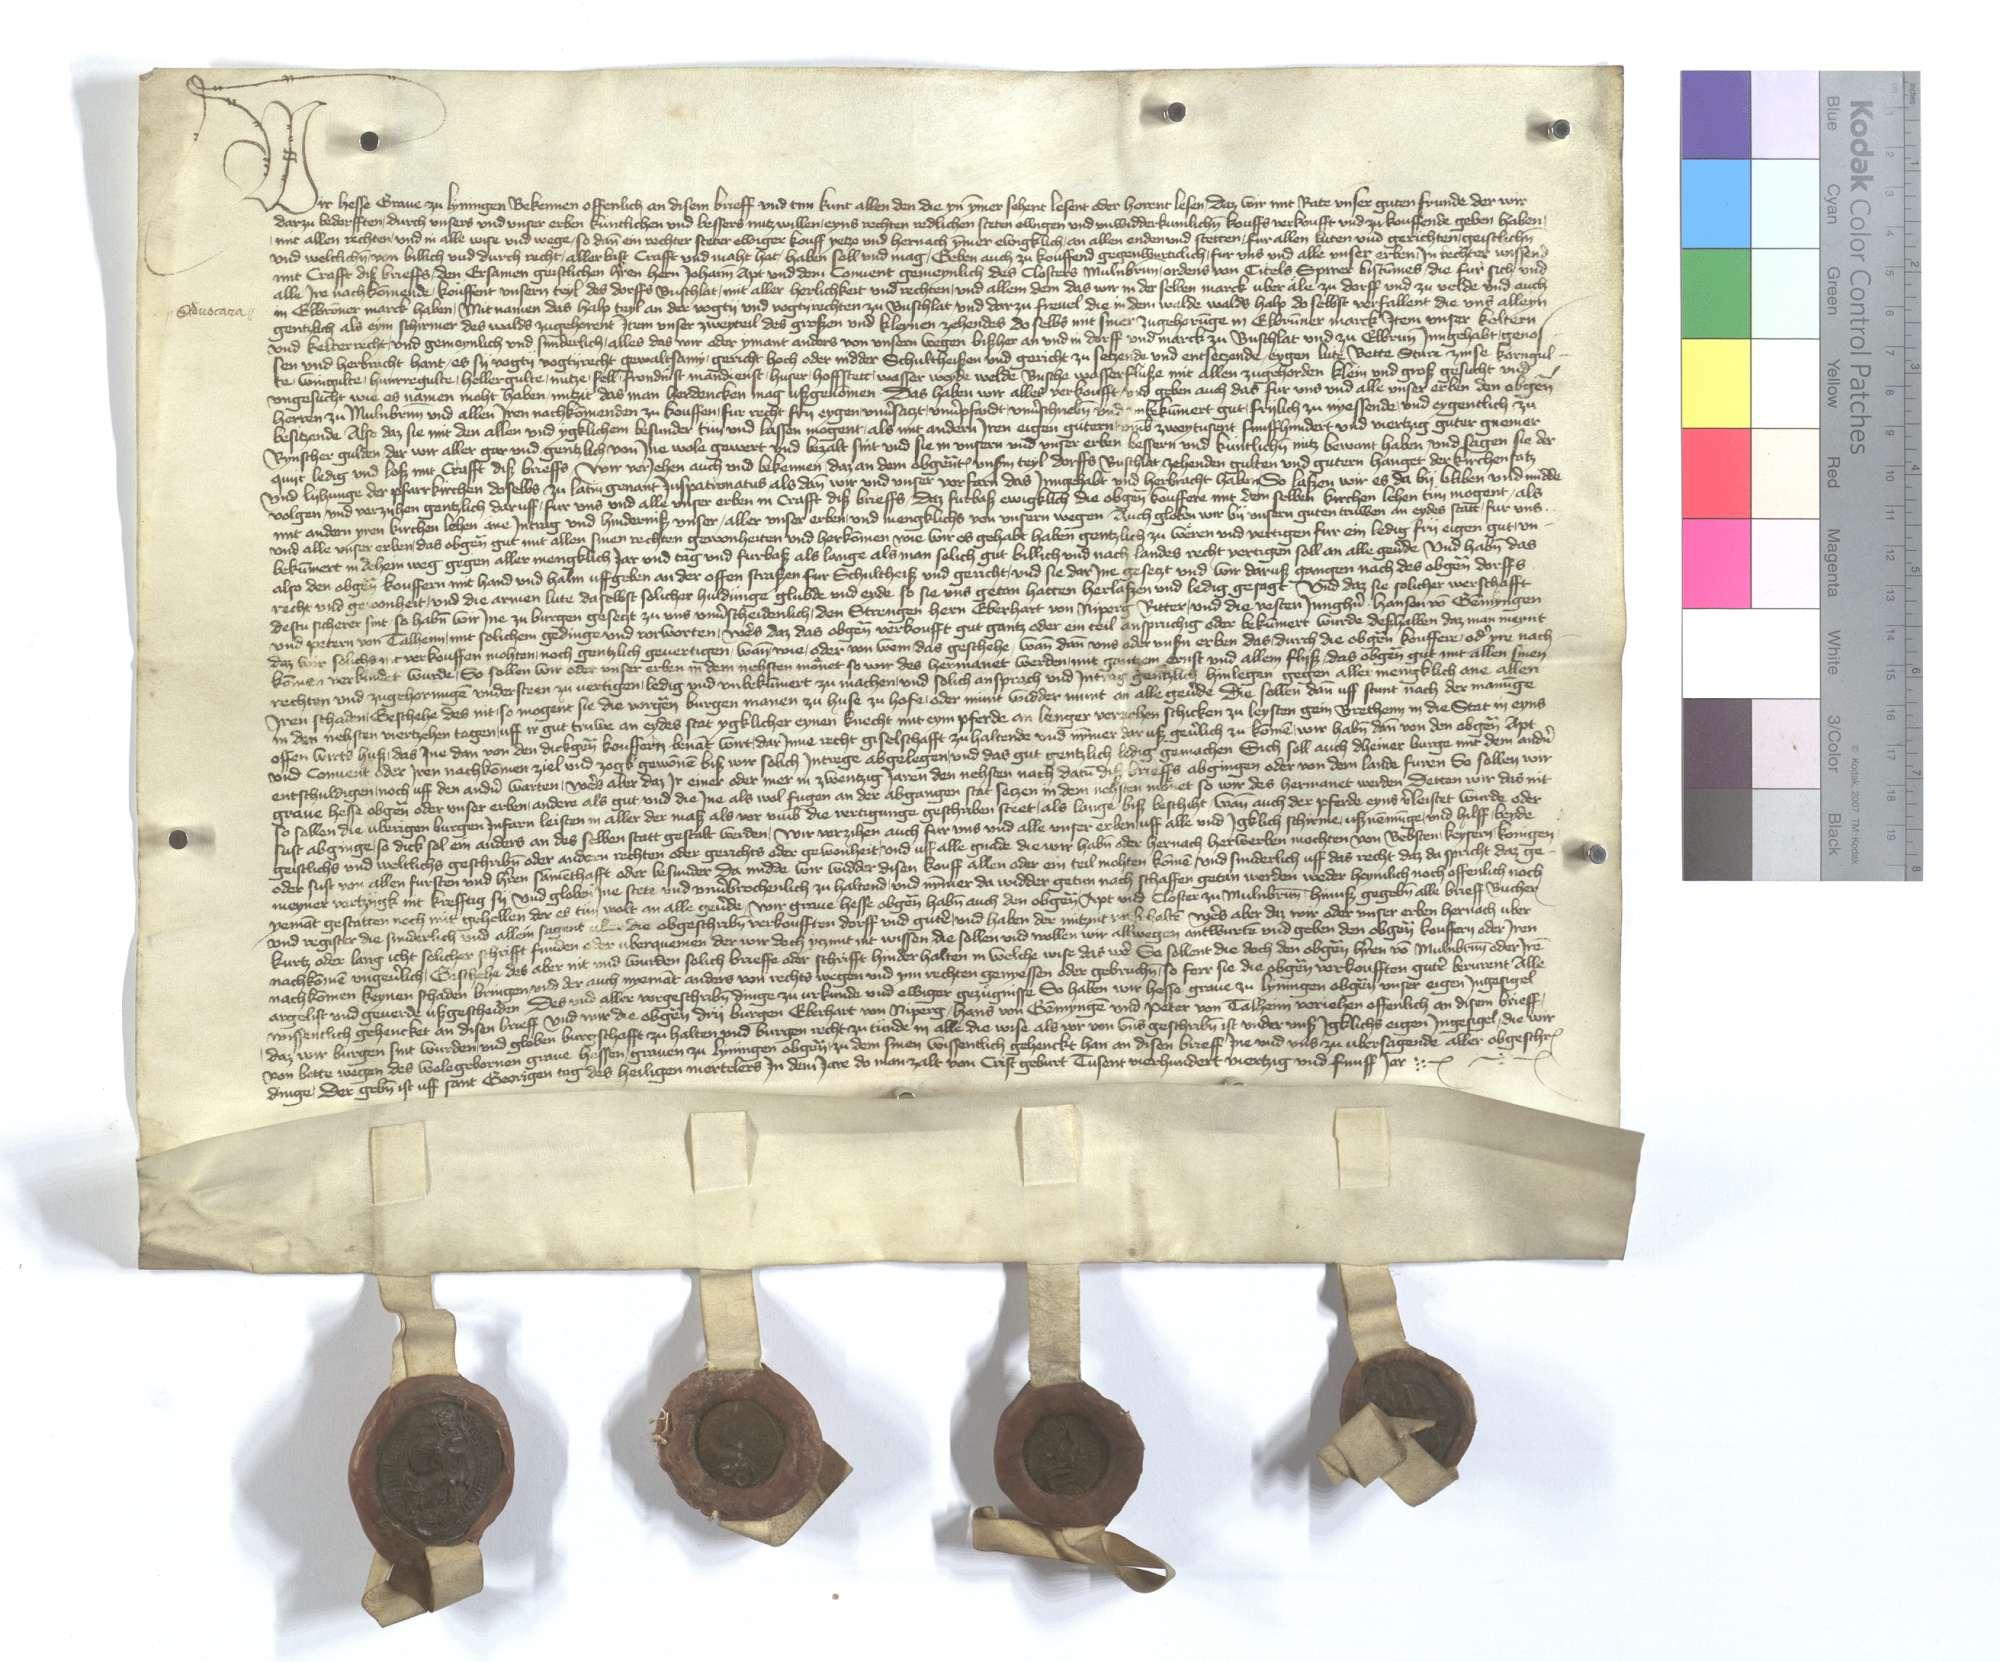 Graf Hesse von Leiningen verkauft dem Kloster Maulbronn das halbe Dorf Bauschlott mit der halben Vogtei und weiteren Gerechtsamen, des Waldfrevels, zwei Teilen des großen und kleinen Zehnten in Ölbronner Markung, sowie Kelter und Kelterrecht., Text